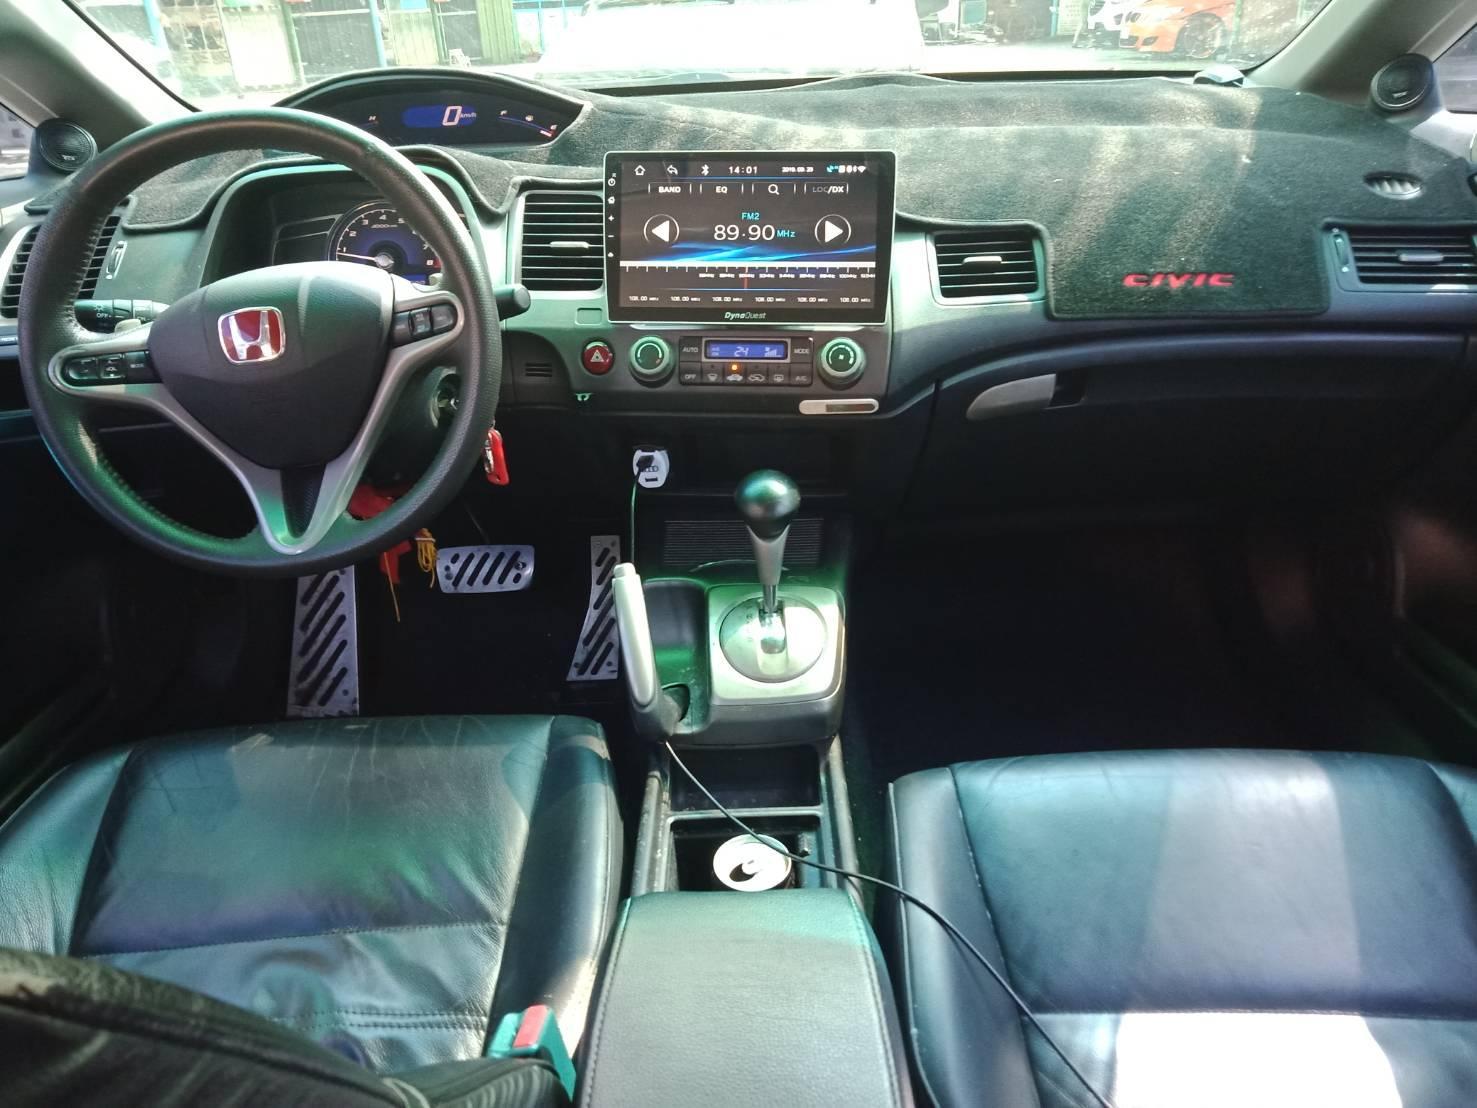 2011年 k12 白 1.8 熱門車中古車二手車